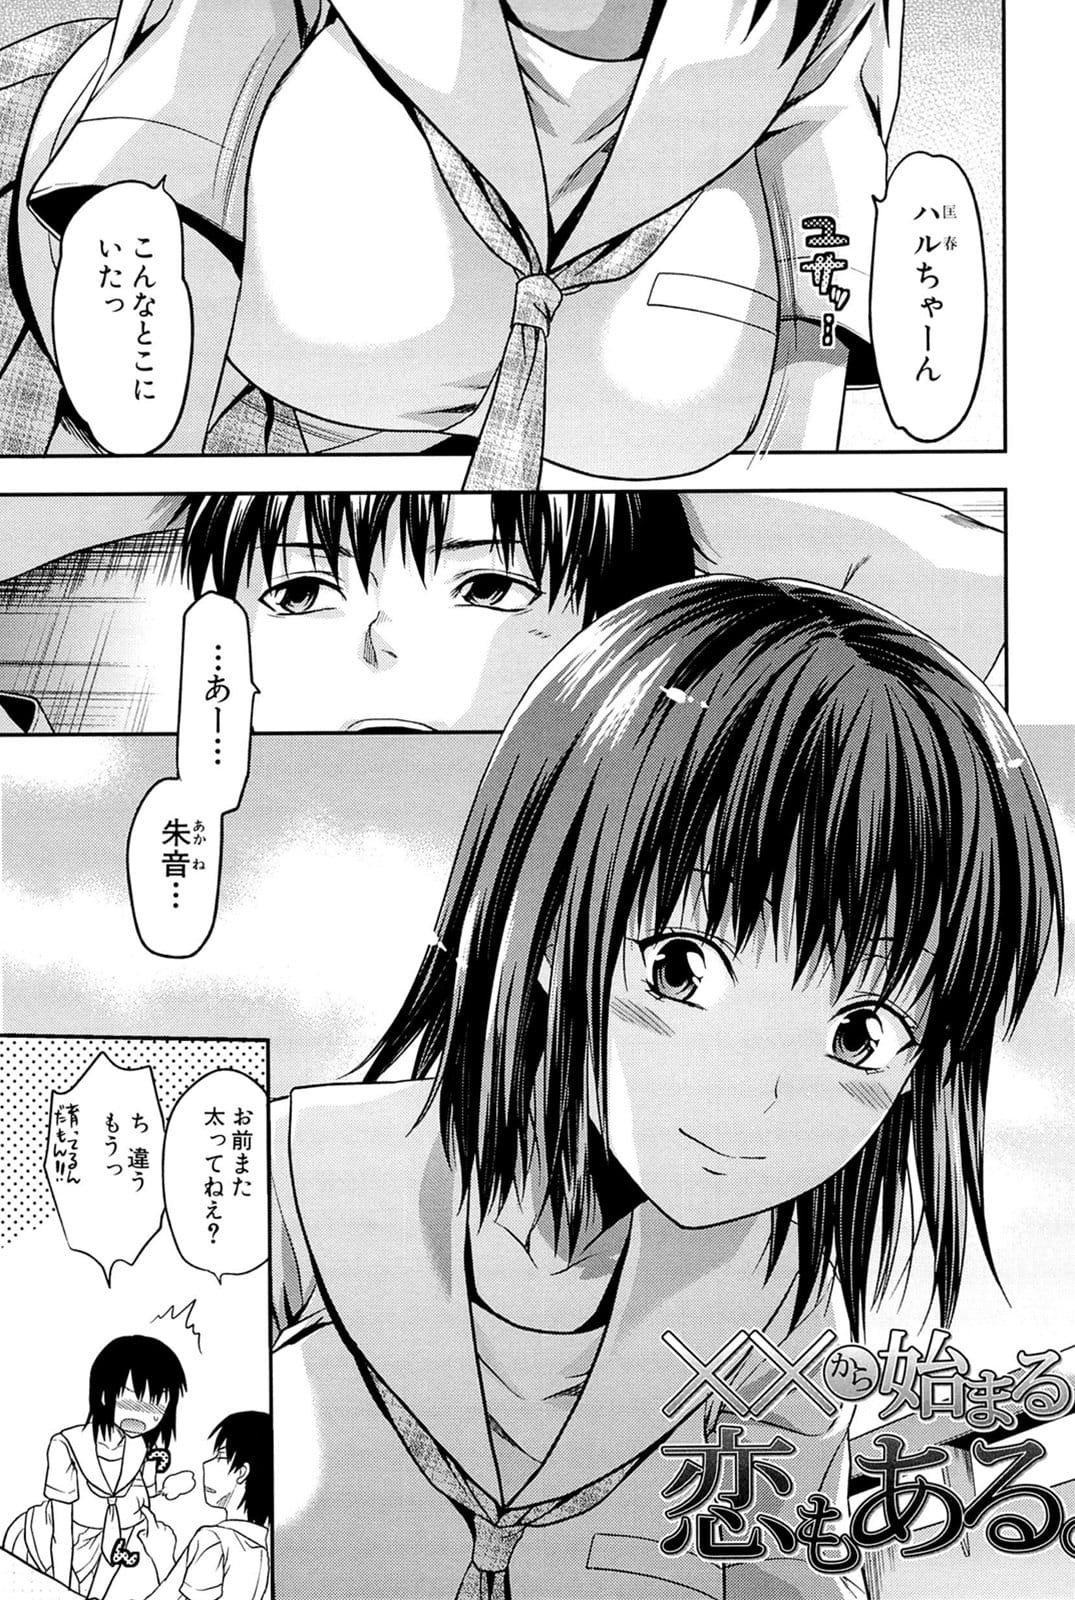 【エロ同人・エロ漫画】幼馴染に彼氏がいるかもと誤解した結果、セックスして付き合うことになったwww